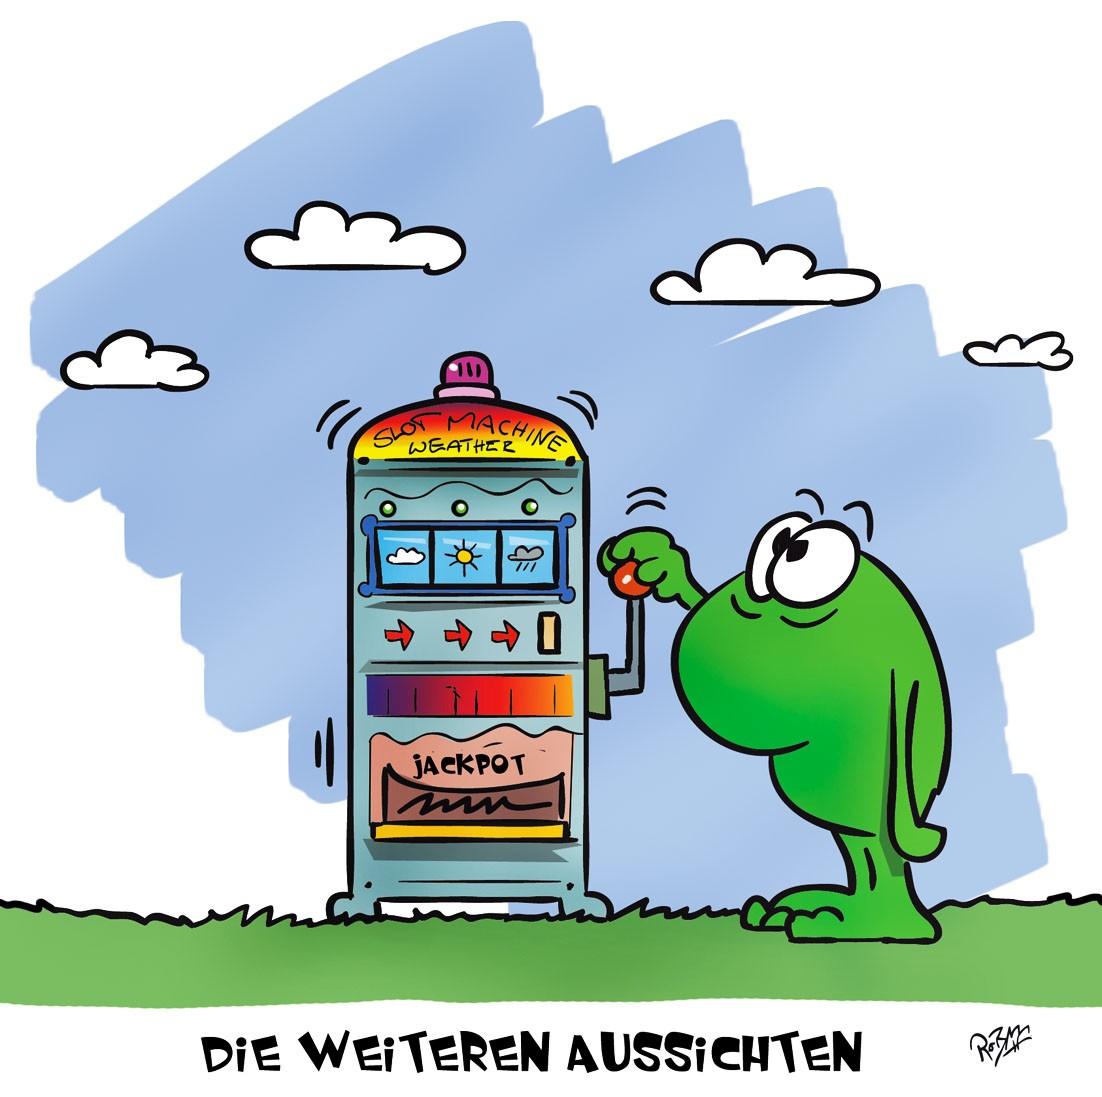 Wettercomic - Die weiteren Aussichten